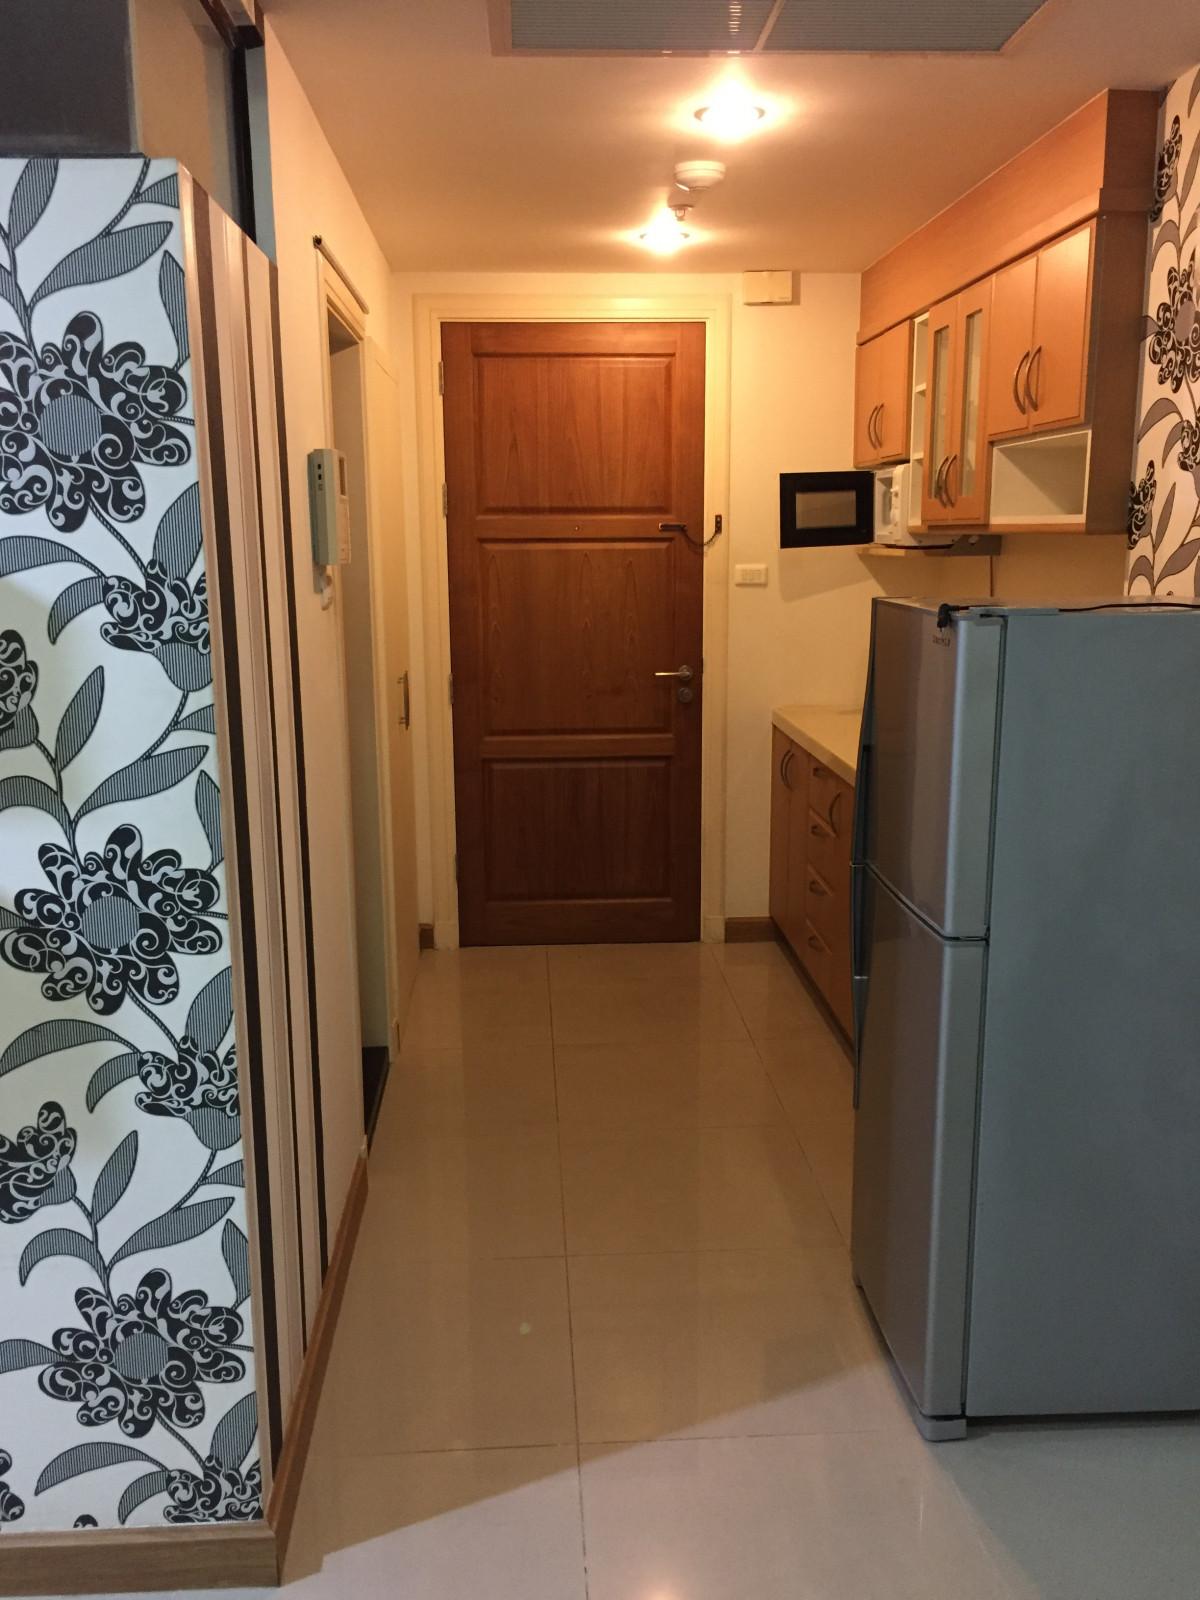 รูปของประกาศเช่าคอนโดSupalai casa Riva Vista2(1 ห้องนอน)(3)